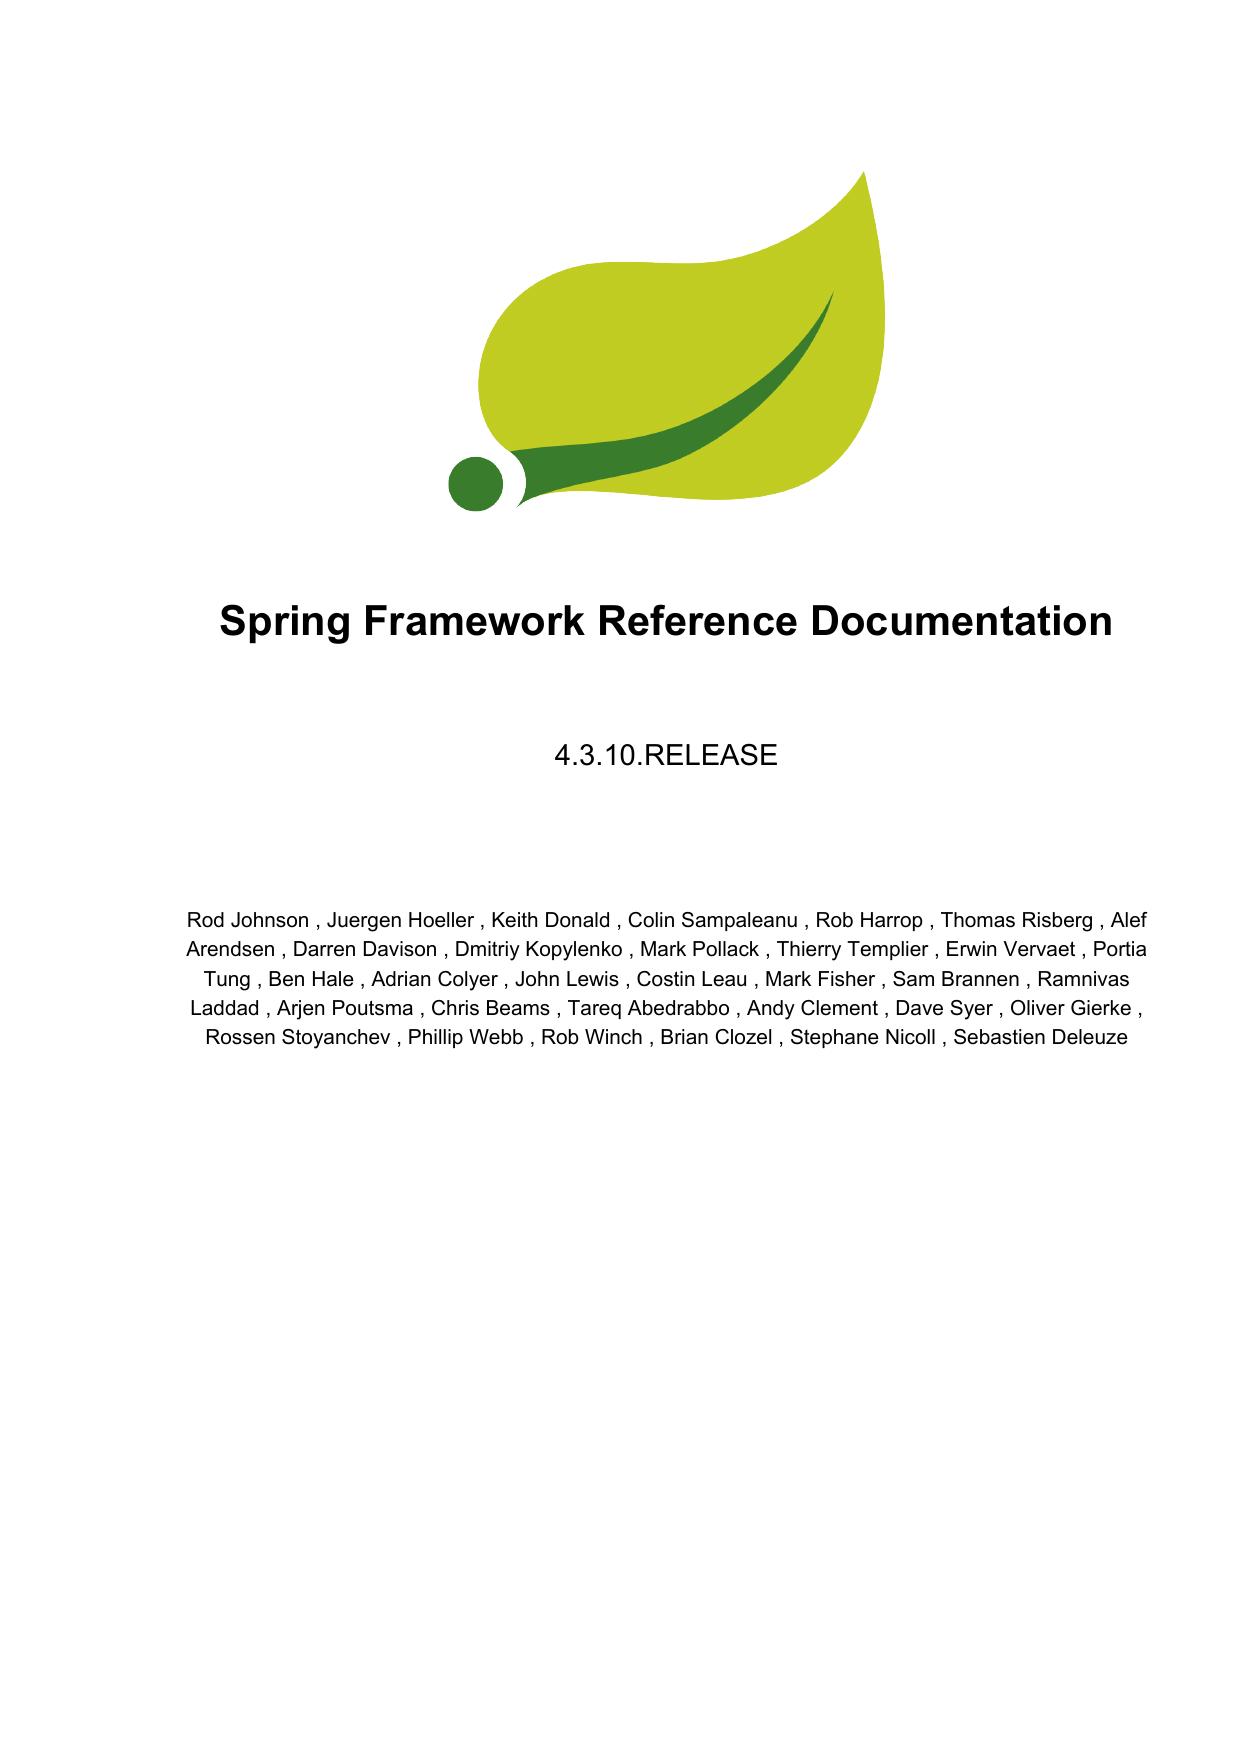 Spring Framework Reference Documentation | manualzz com